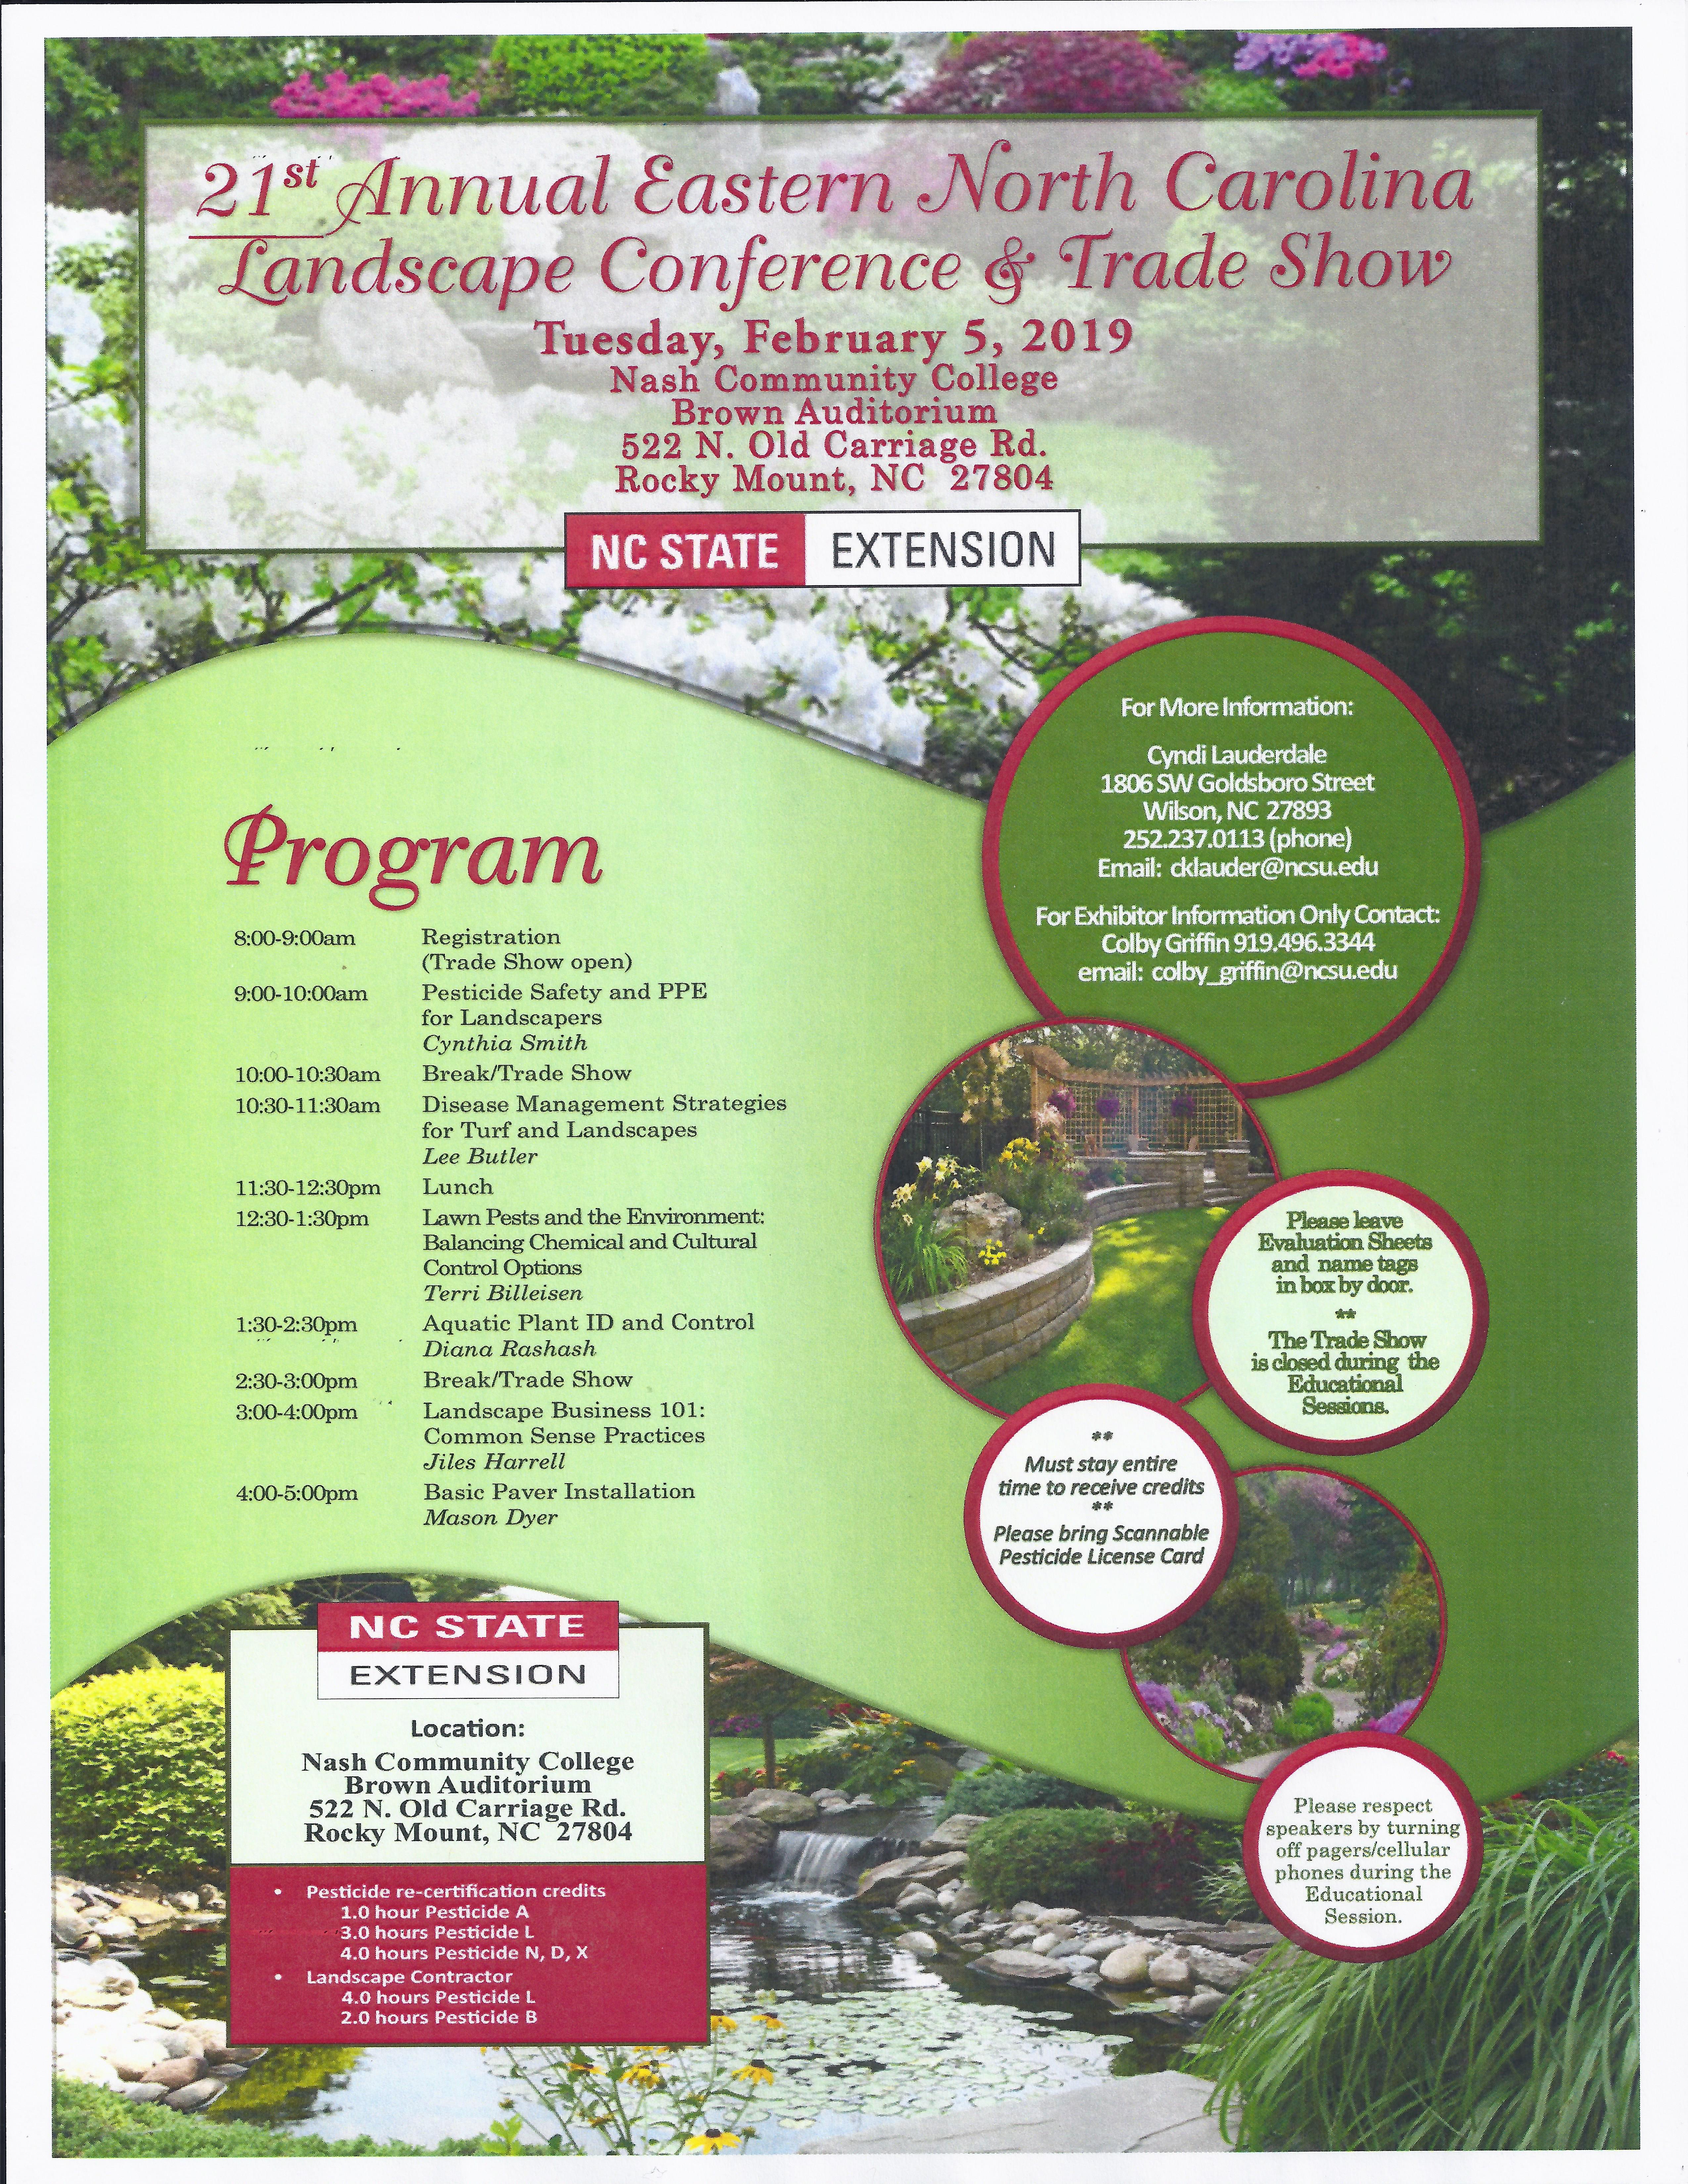 Landscape Conference flyer image